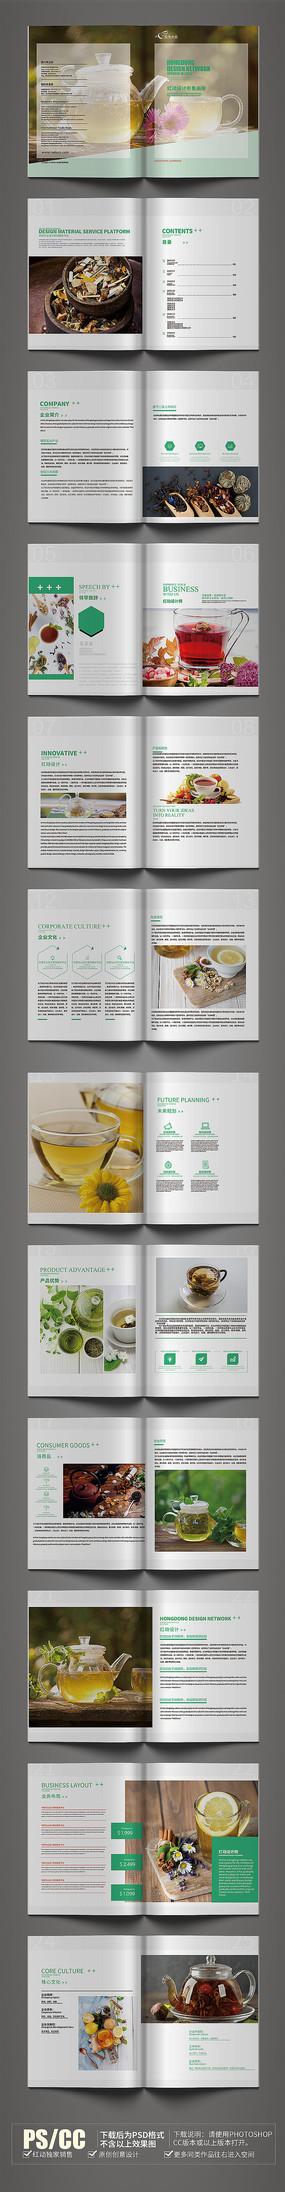 簡約花茶產品宣傳畫冊模板設計